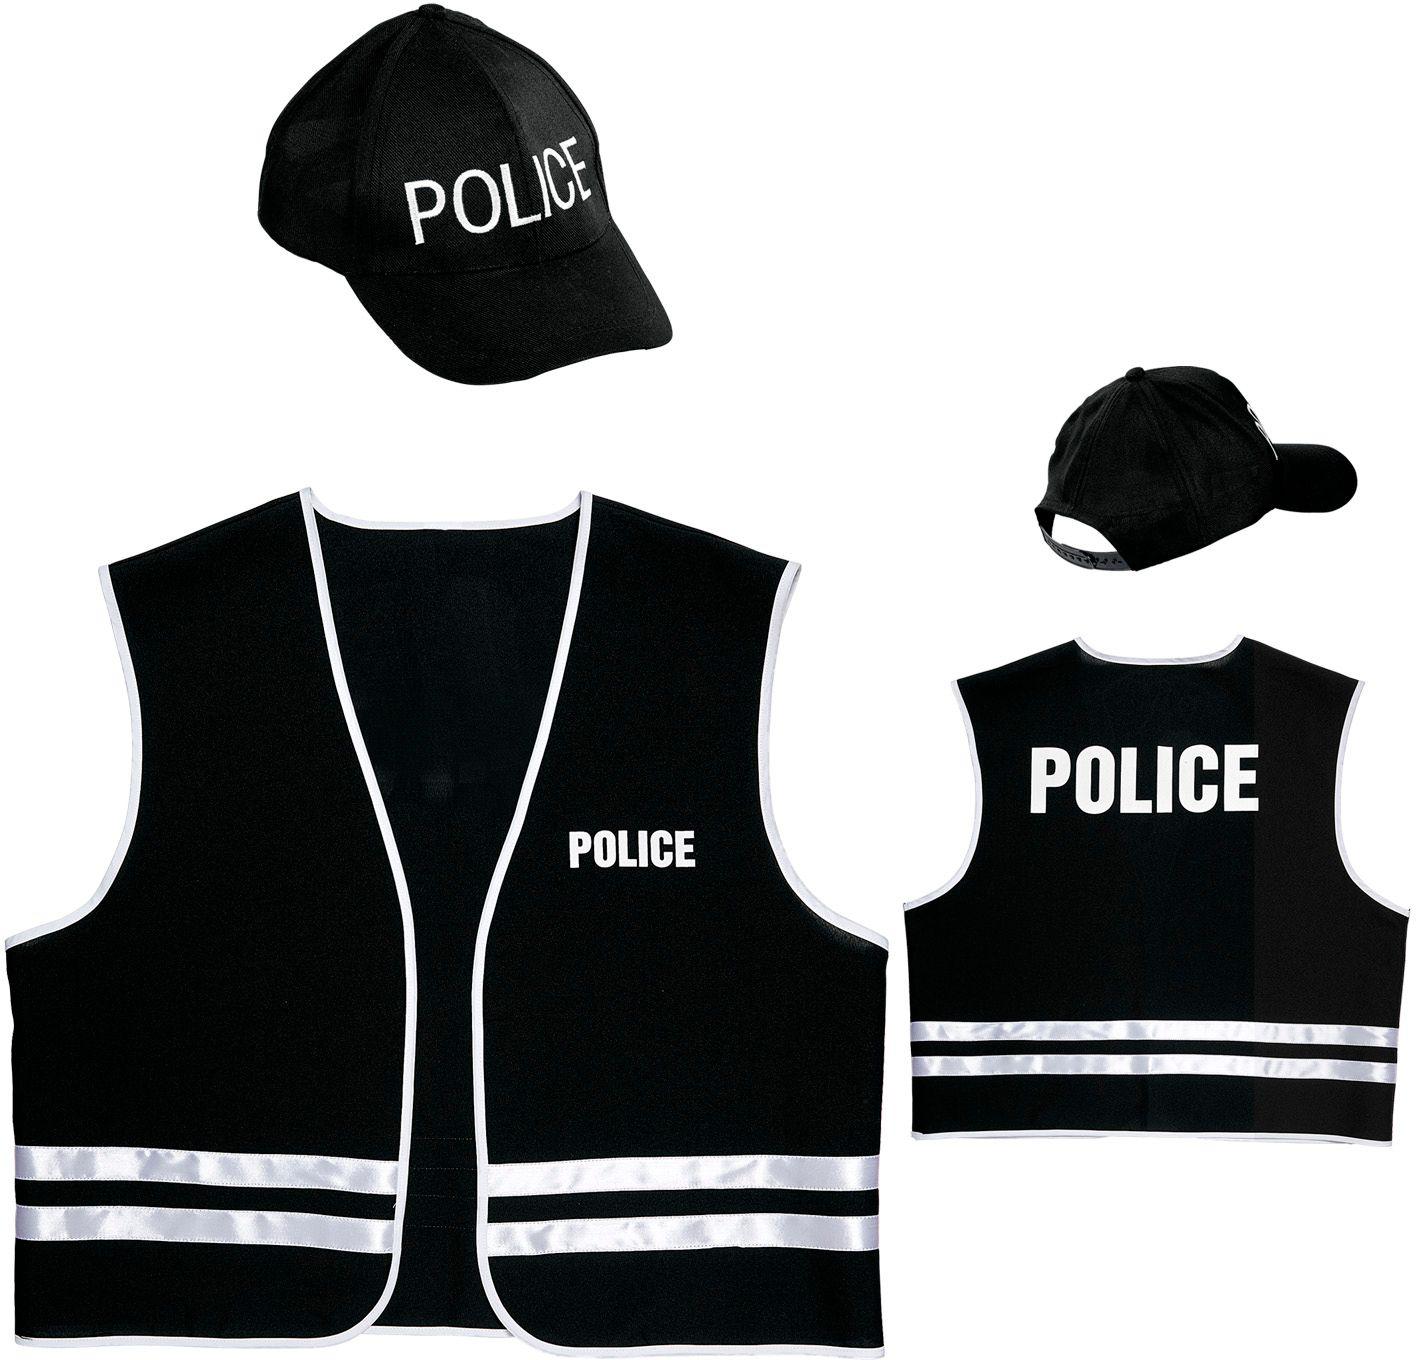 Politie outfit vest met cap